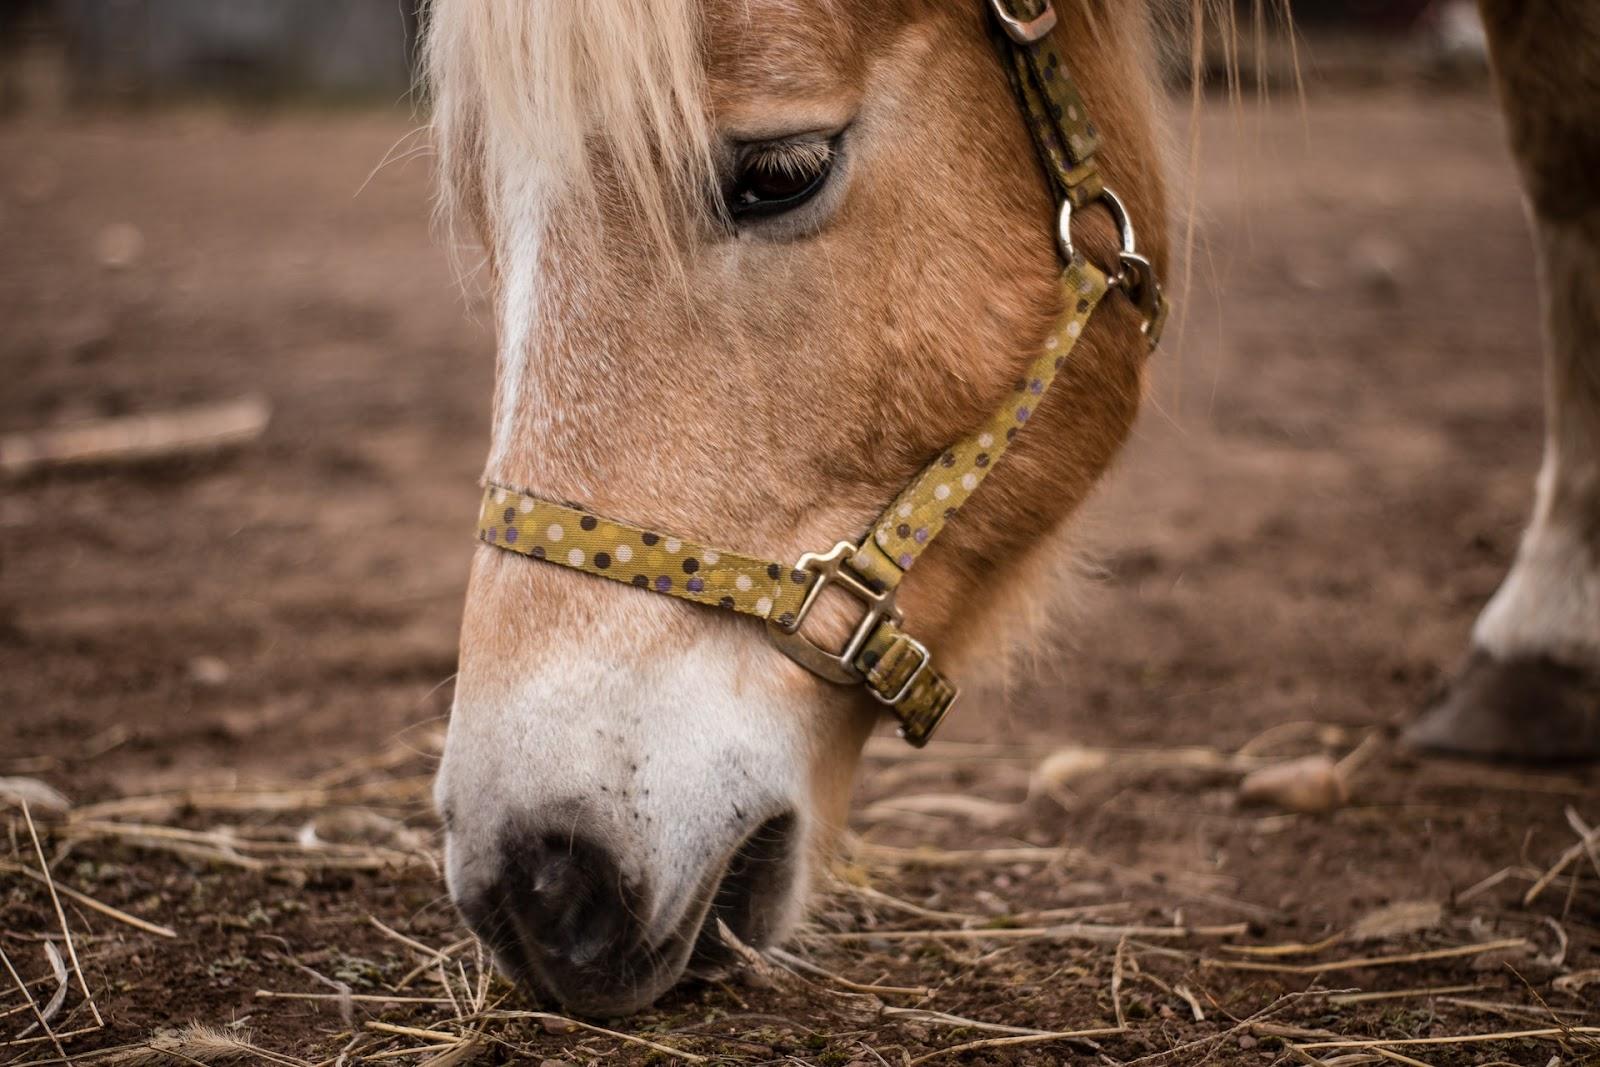 Mormo voltou a afetar rebanhos de equinos, em Tocantins (Fonte: Unsplash)